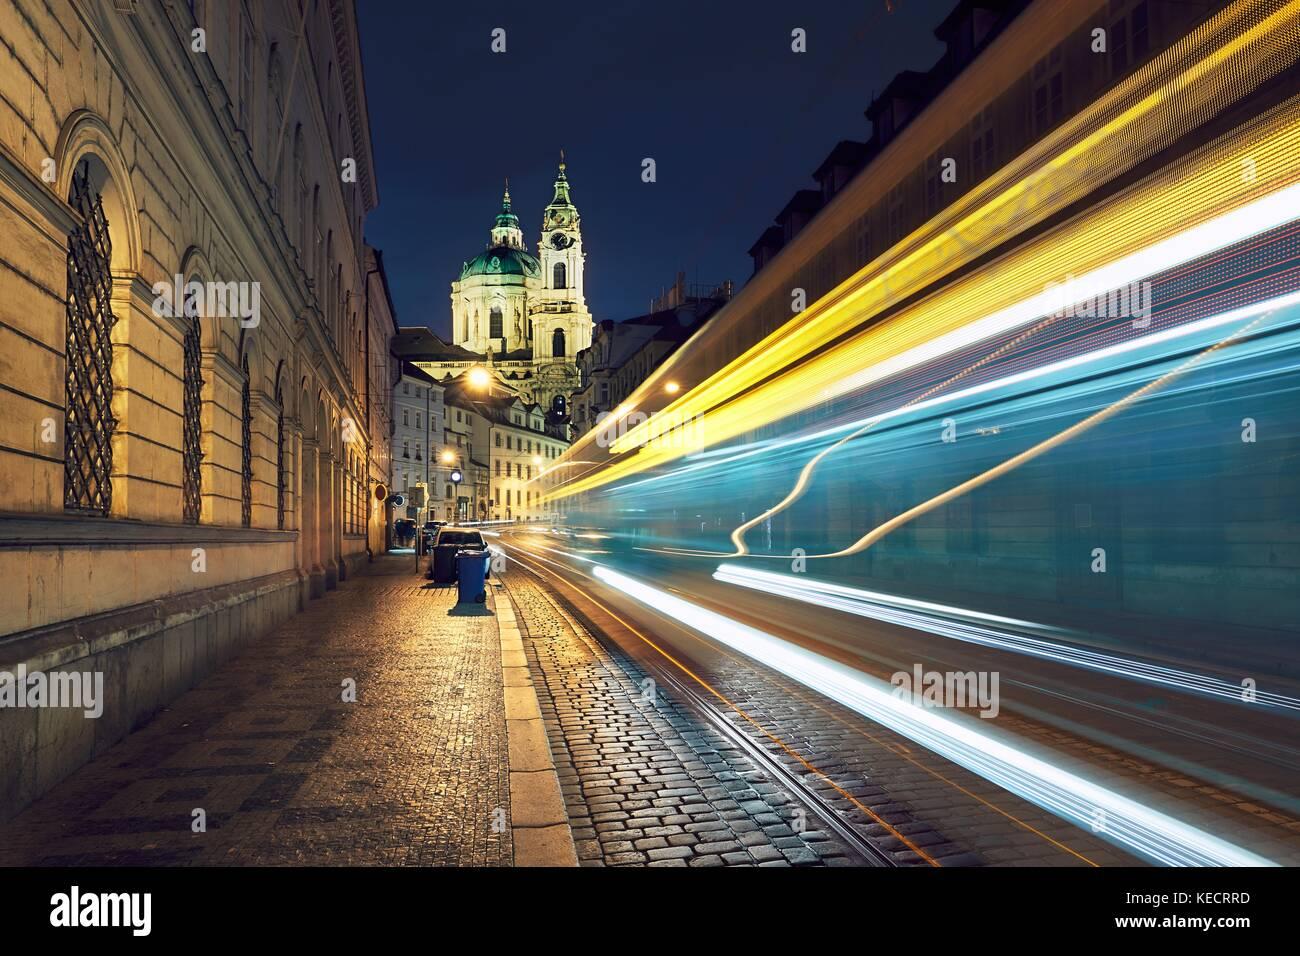 Tráfico nocturno en la calle, cerca de la antigua iglesia de San Nicolás en Praga, República Checa. Imagen De Stock